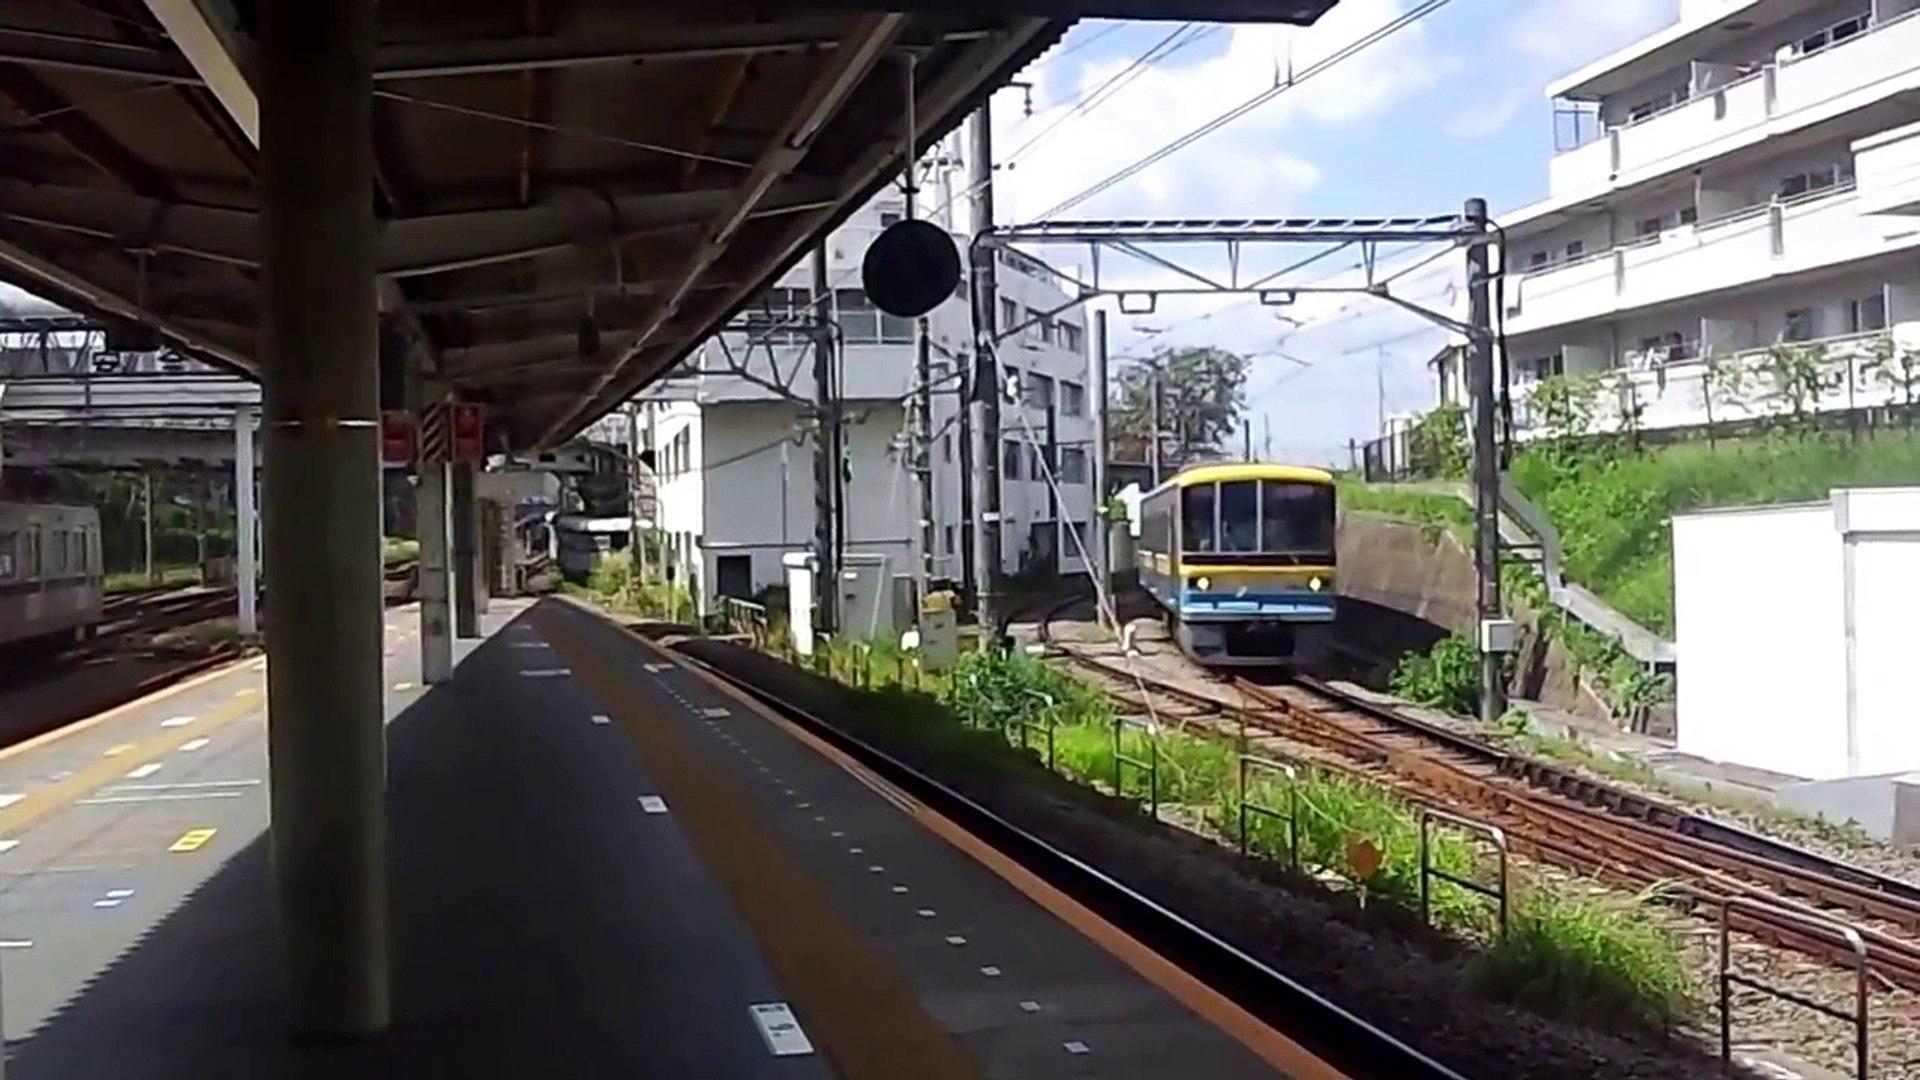 2013/09/29 横浜高速鉄道こどもの国線 Y001+Y002 長津田駅入線